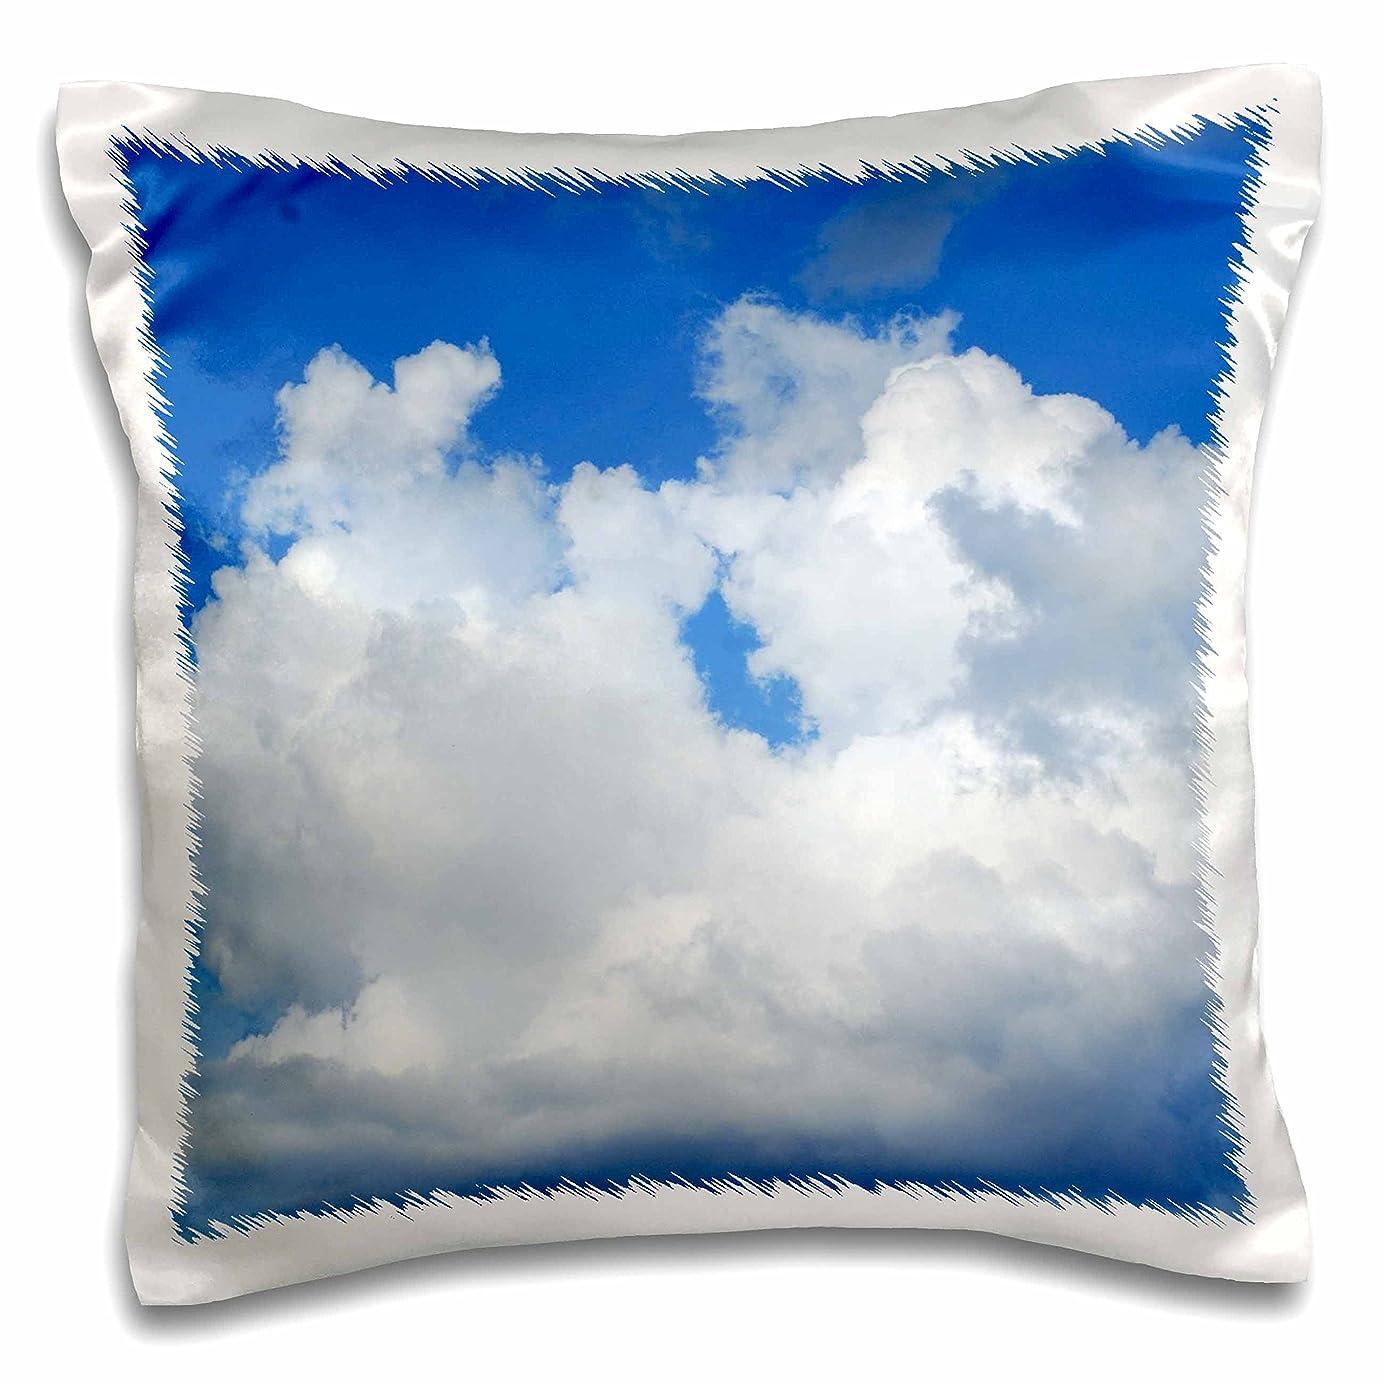 窒息させる区画シェル3dローズFlorene Clouds?–?PrettyホワイトPuffy雲Nブルースカイ?–?枕ケース 16